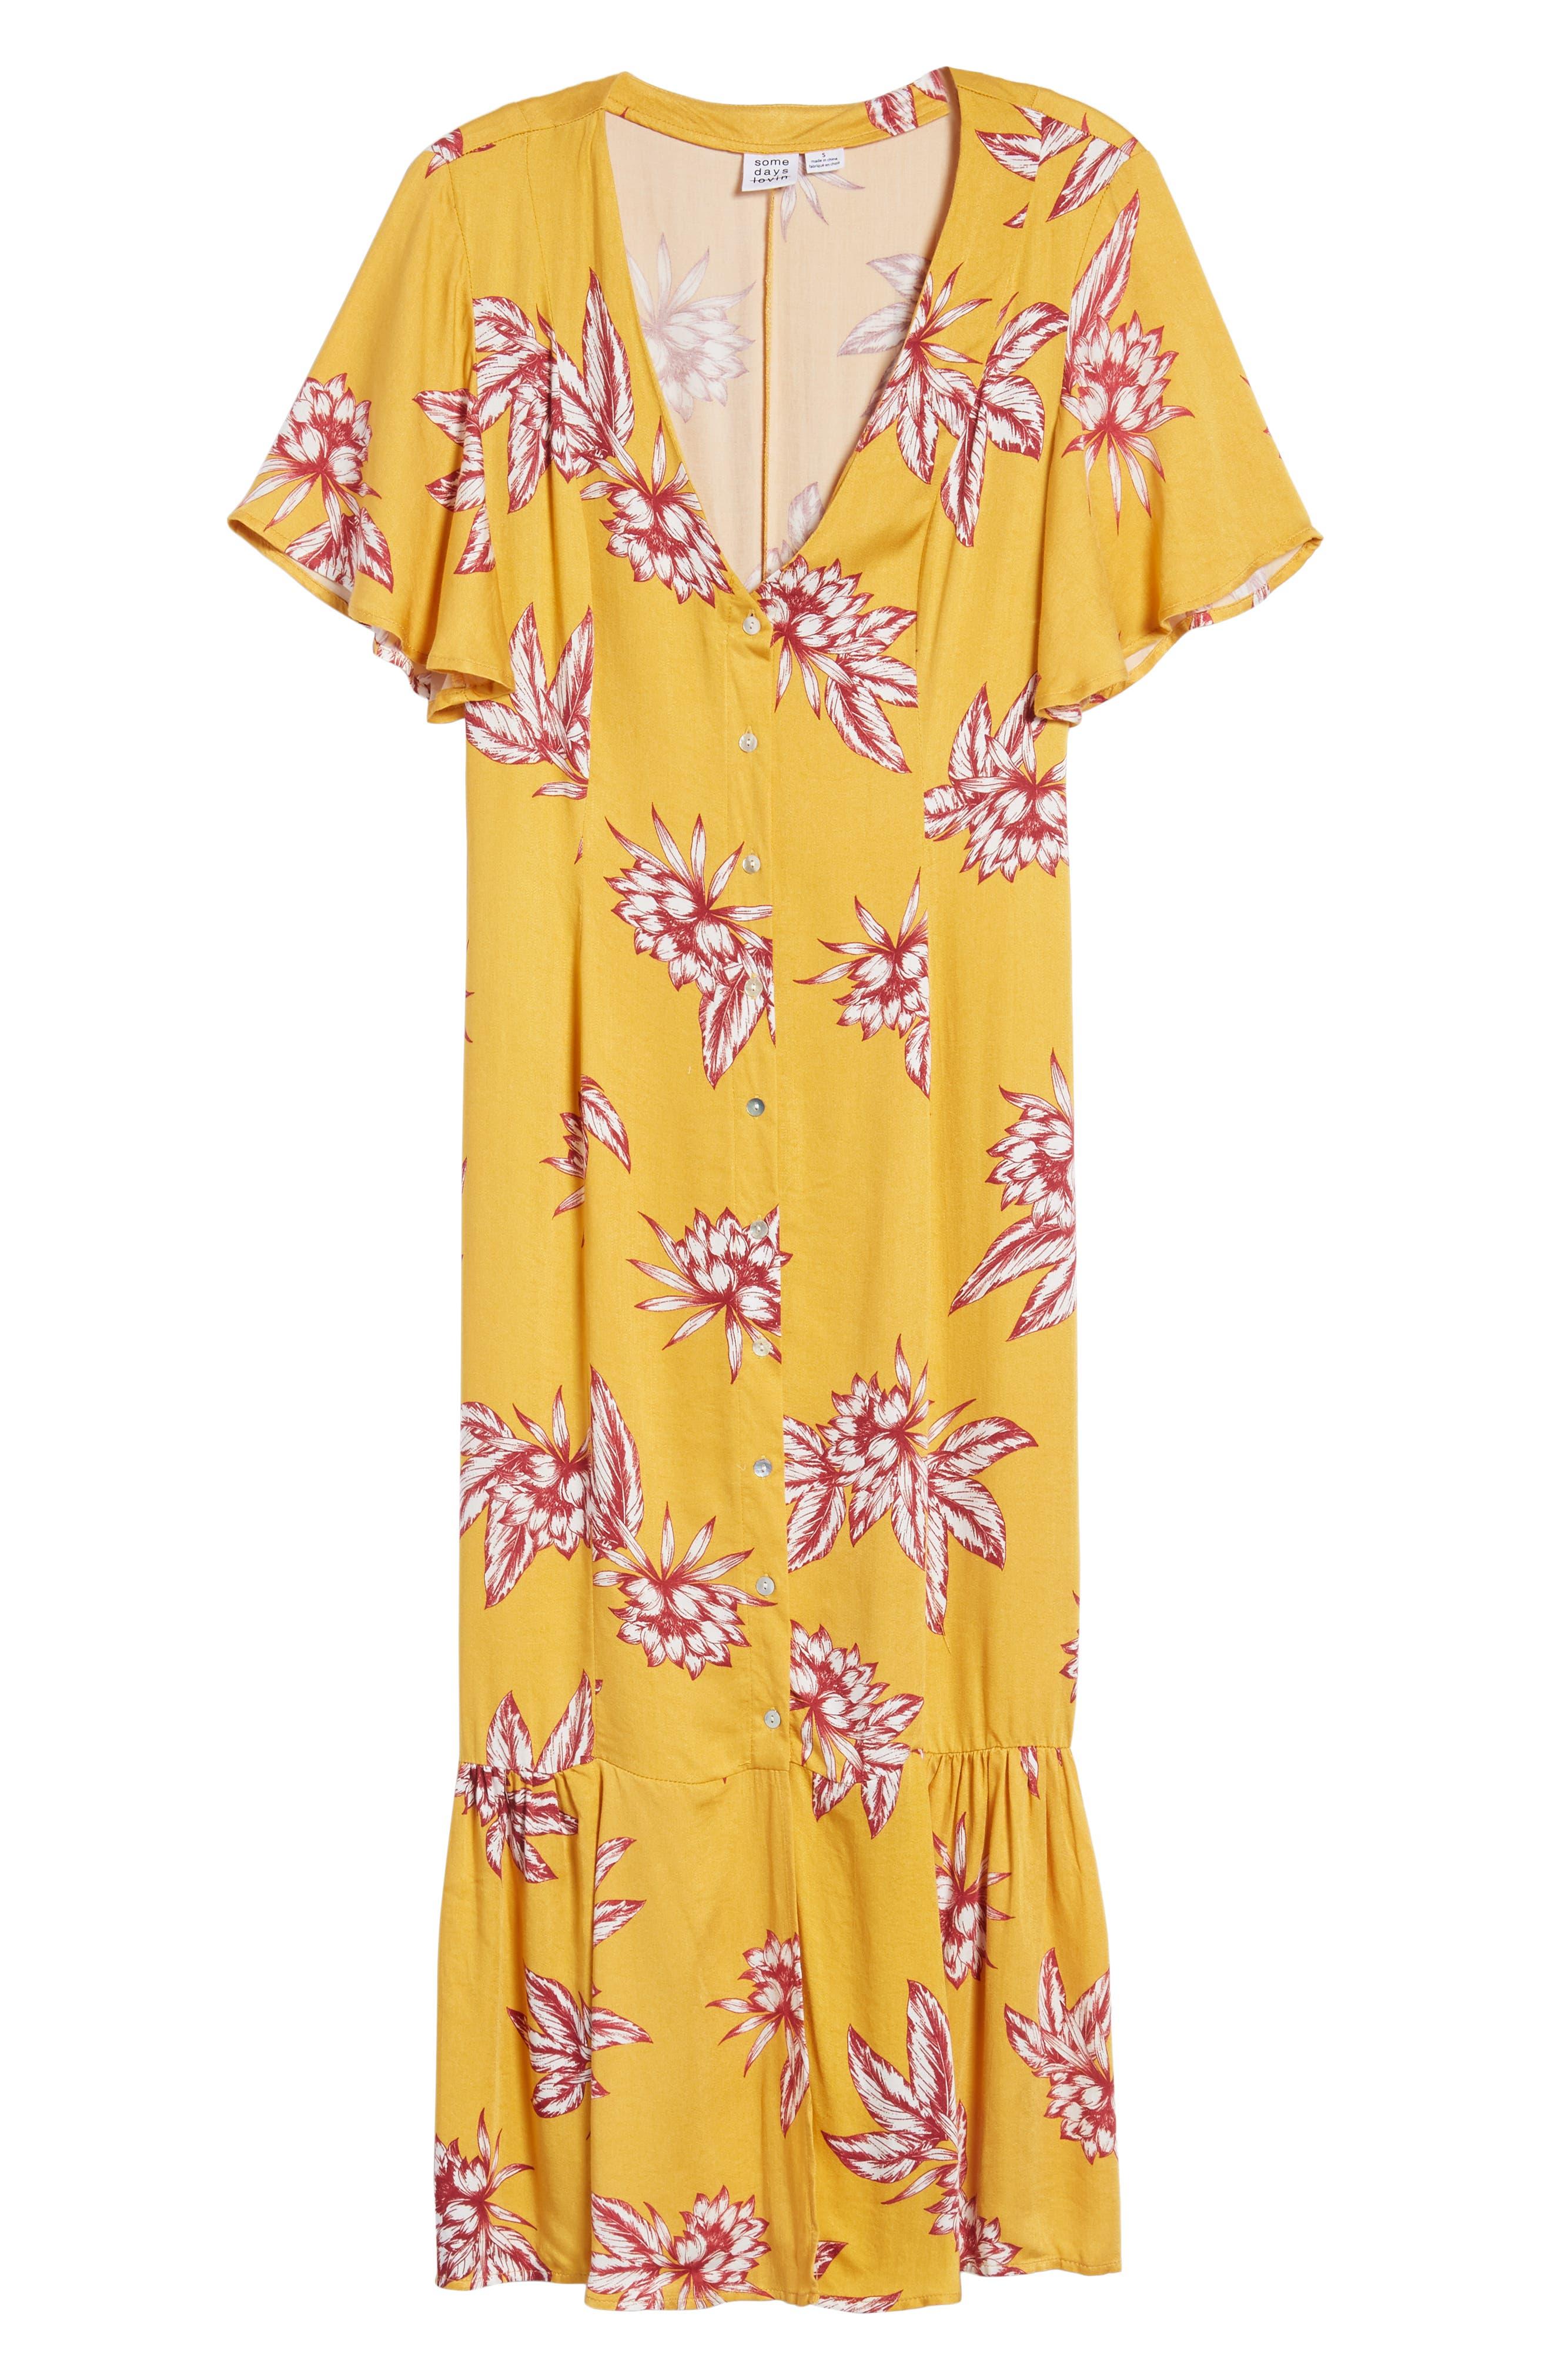 Searing Soul Midi Dress,                             Alternate thumbnail 7, color,                             701